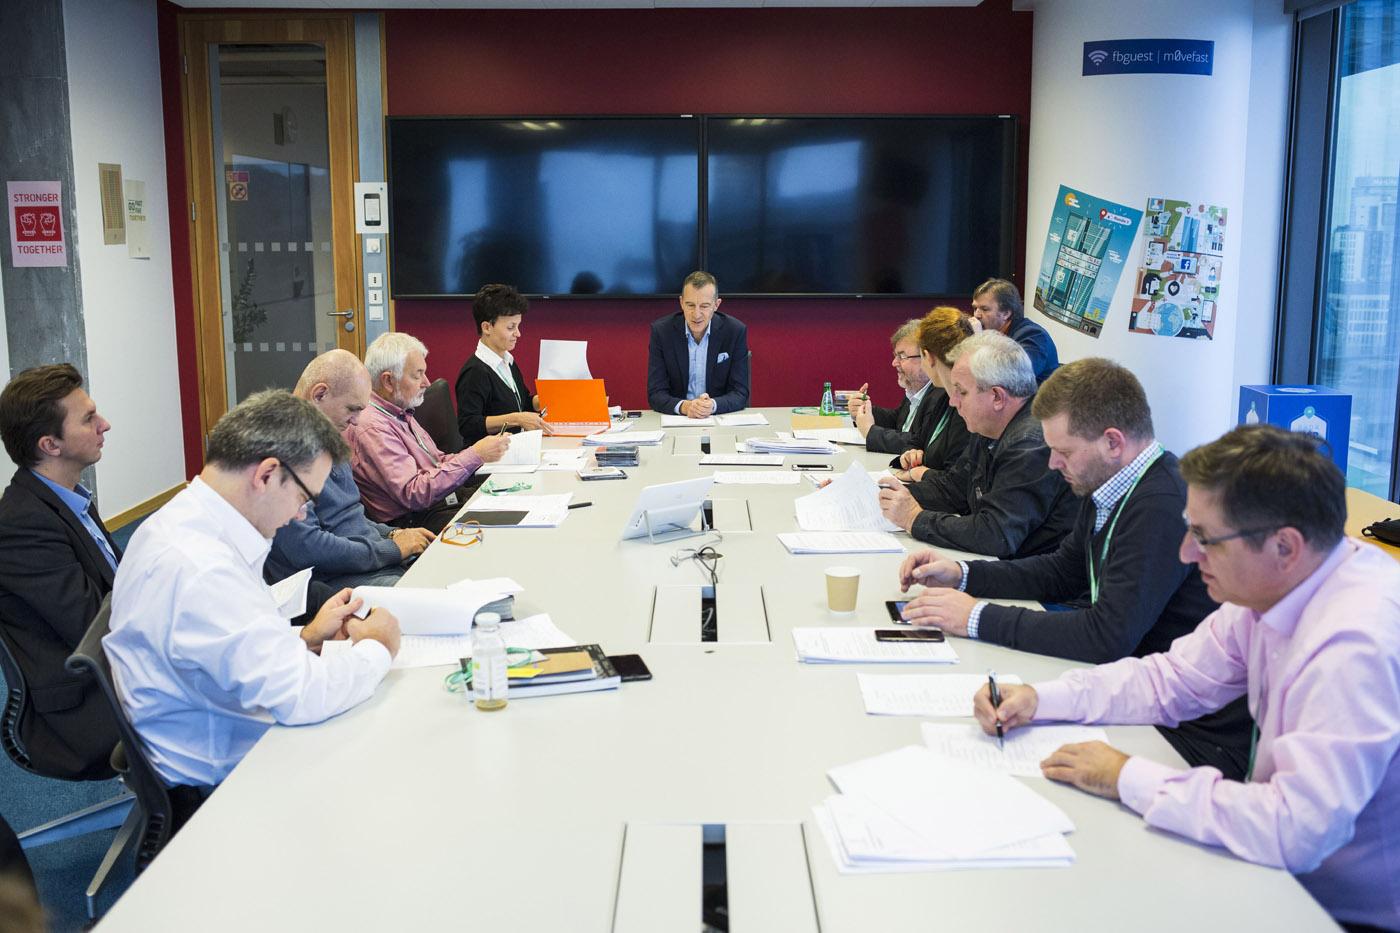 W tym roku w jury Grand Press zasiada 14 przedstawicieli mediów (fot. Andrzej Hulimka/Press)